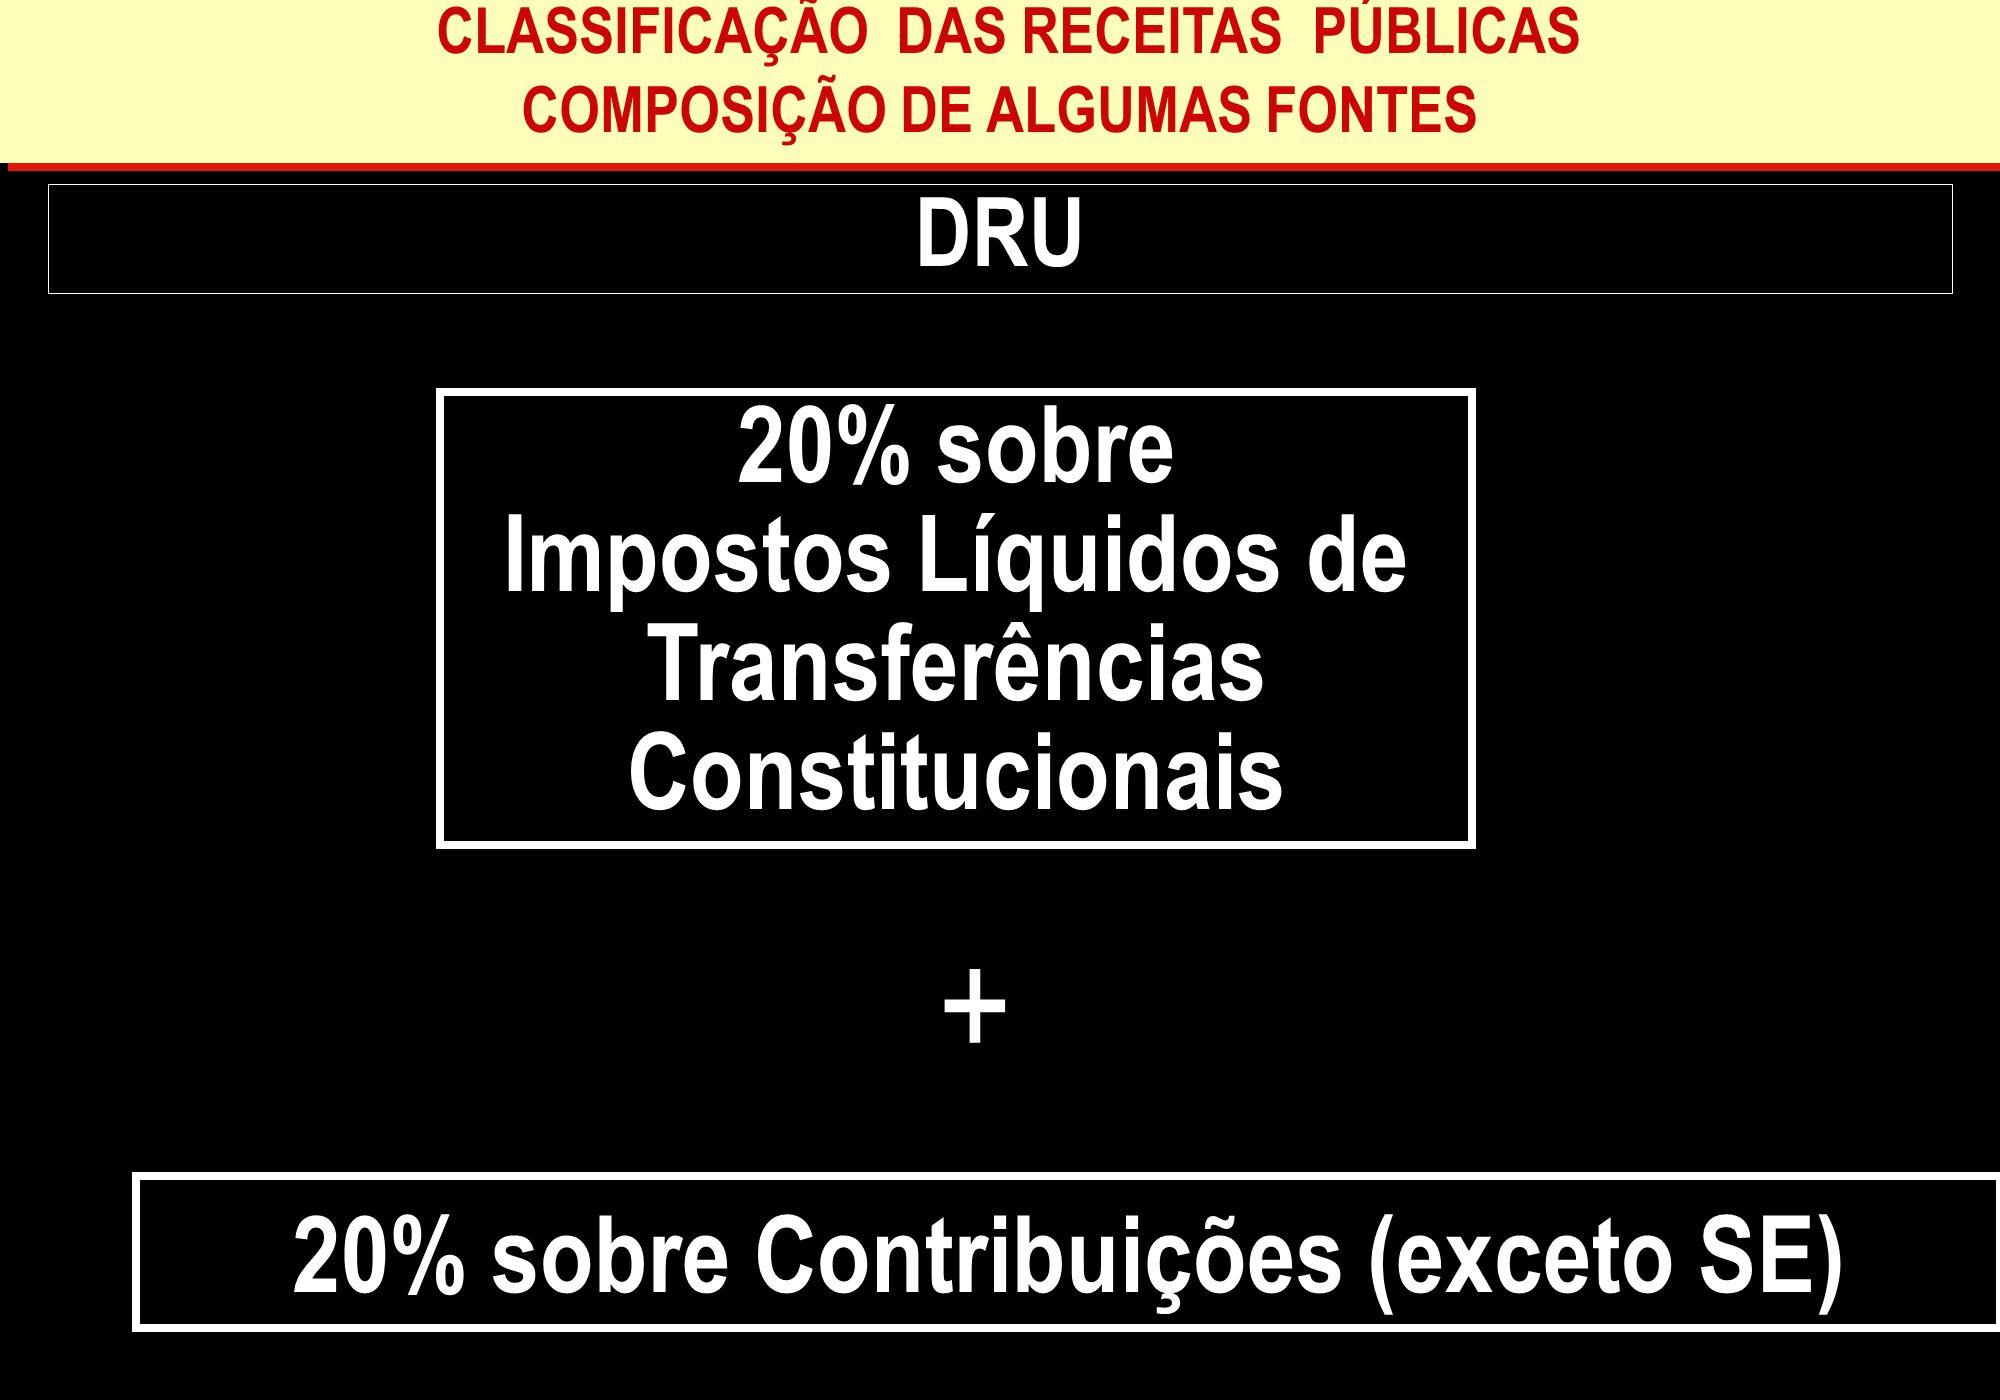 + 20% sobre Impostos Líquidos de Transferências Constitucionais